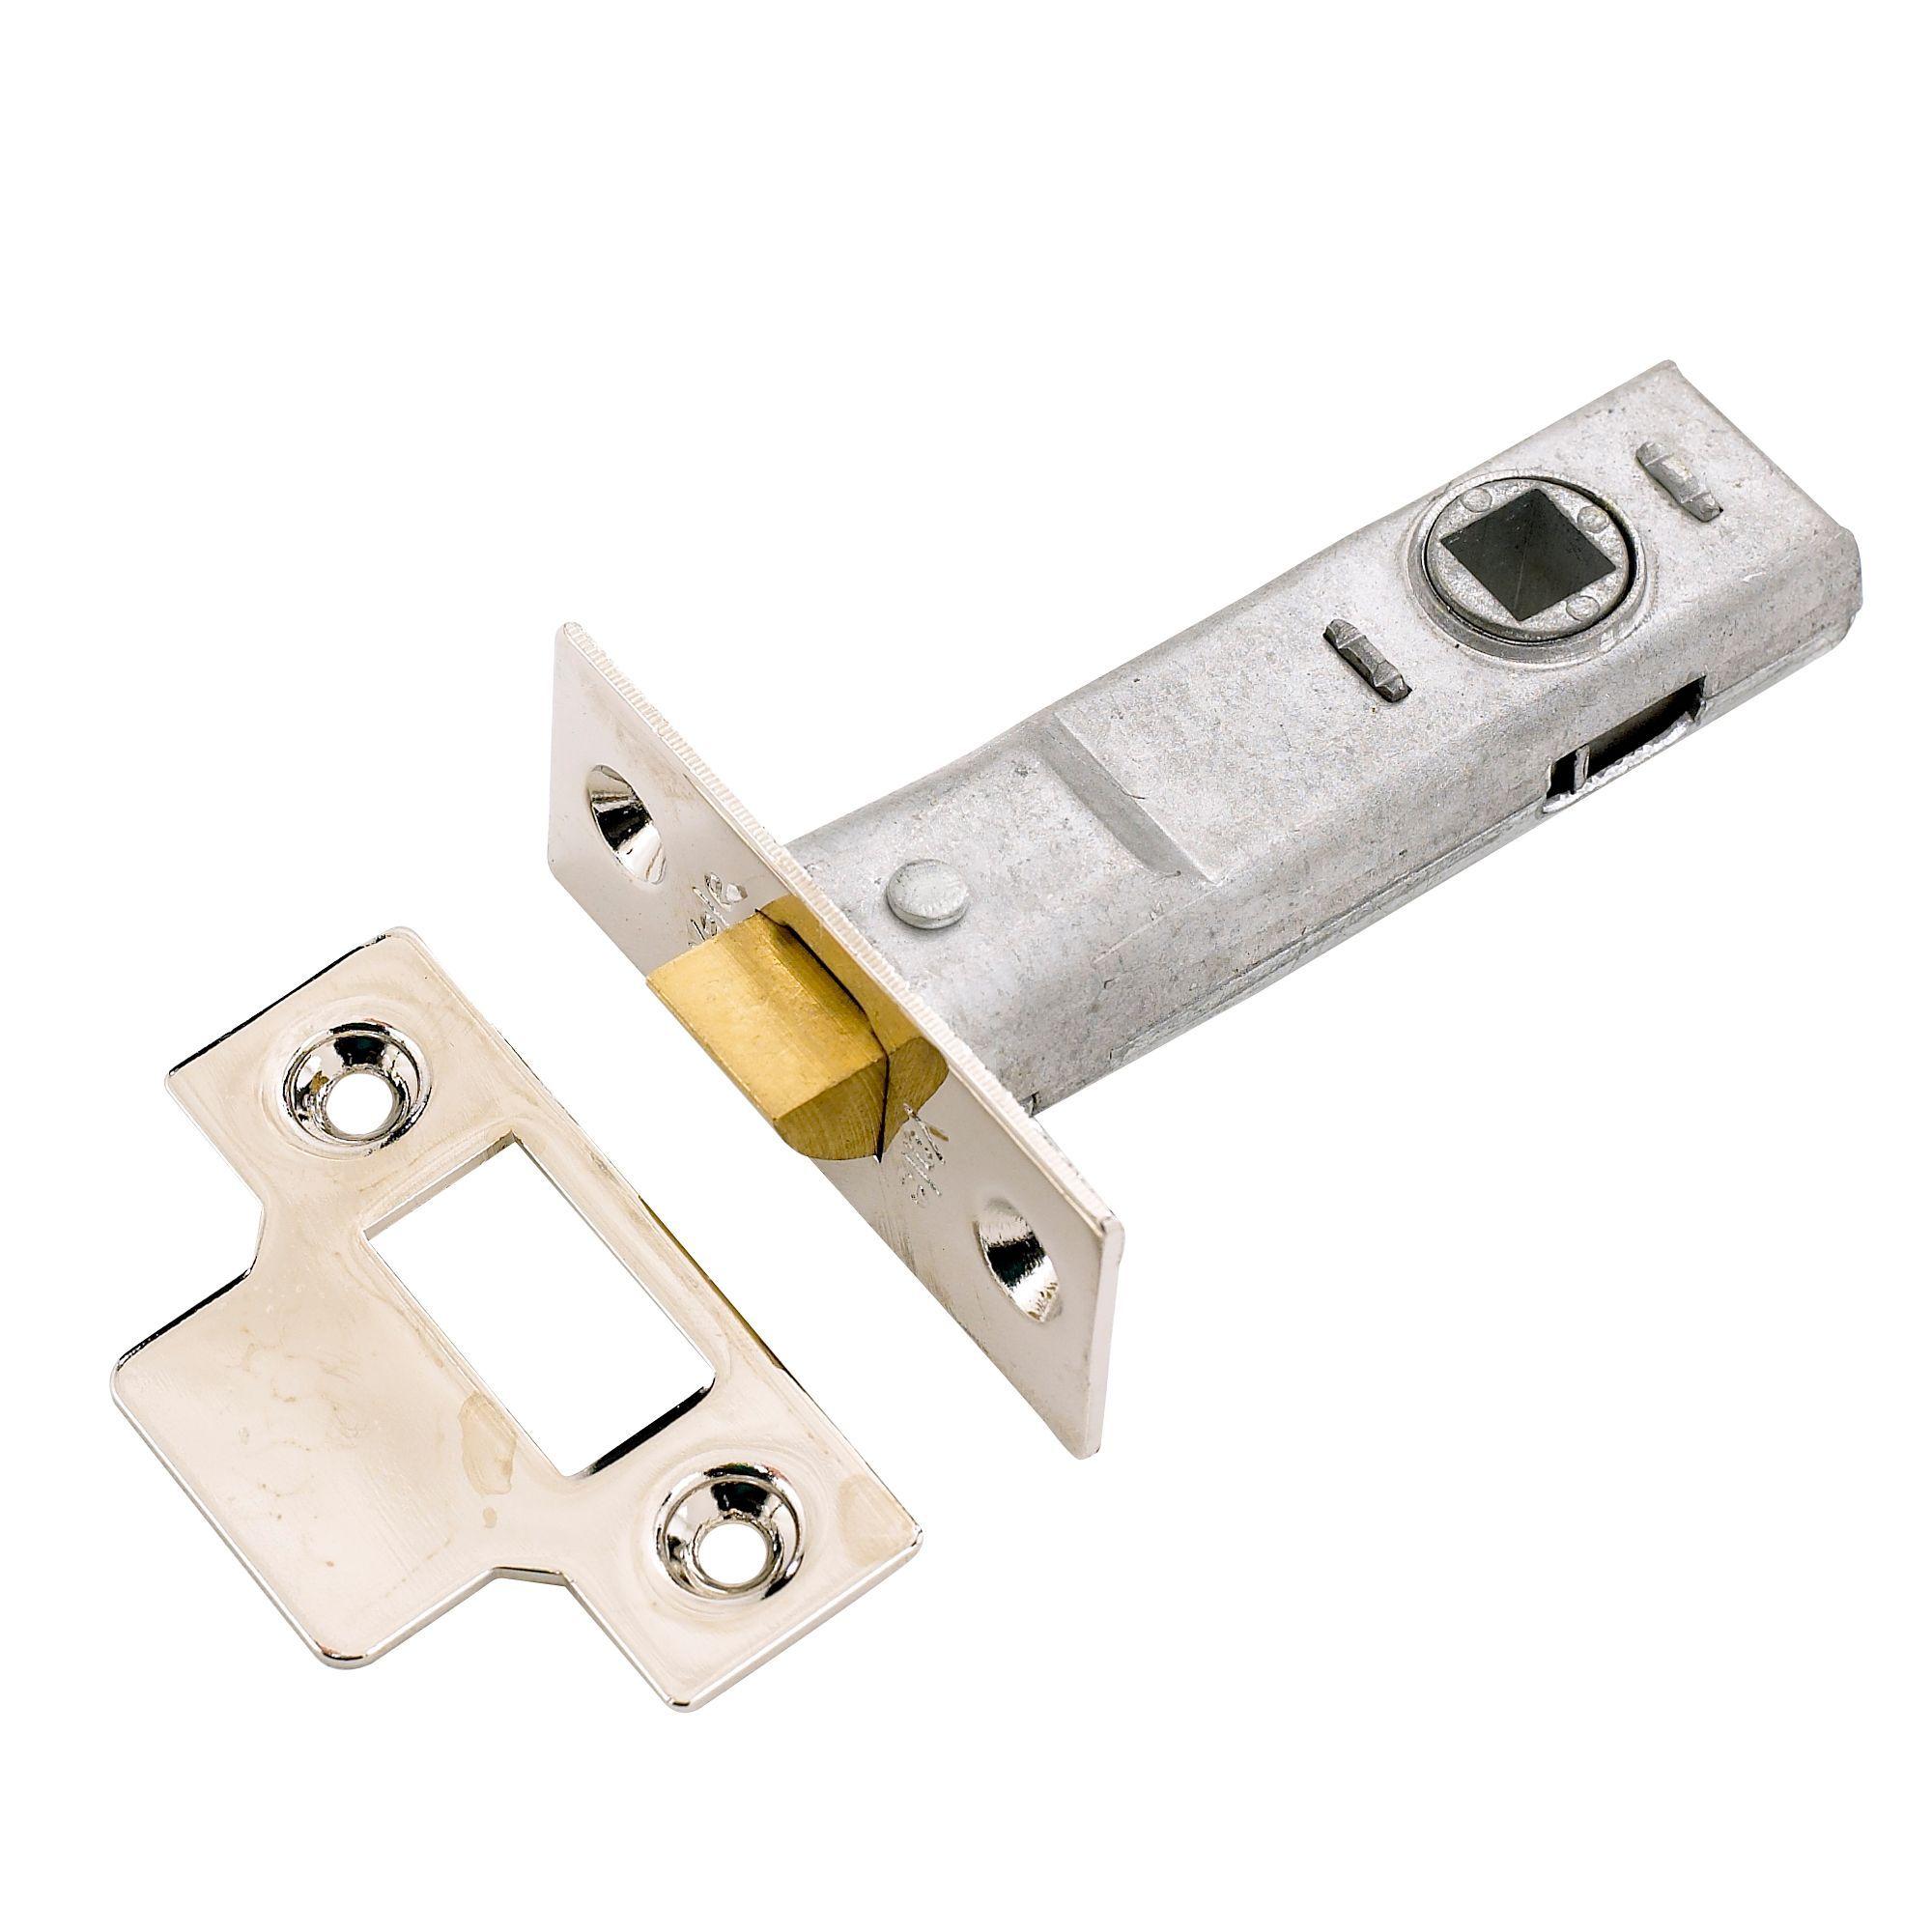 Replacement bespoke mortice Rim Door lock handle feather spring broken locks